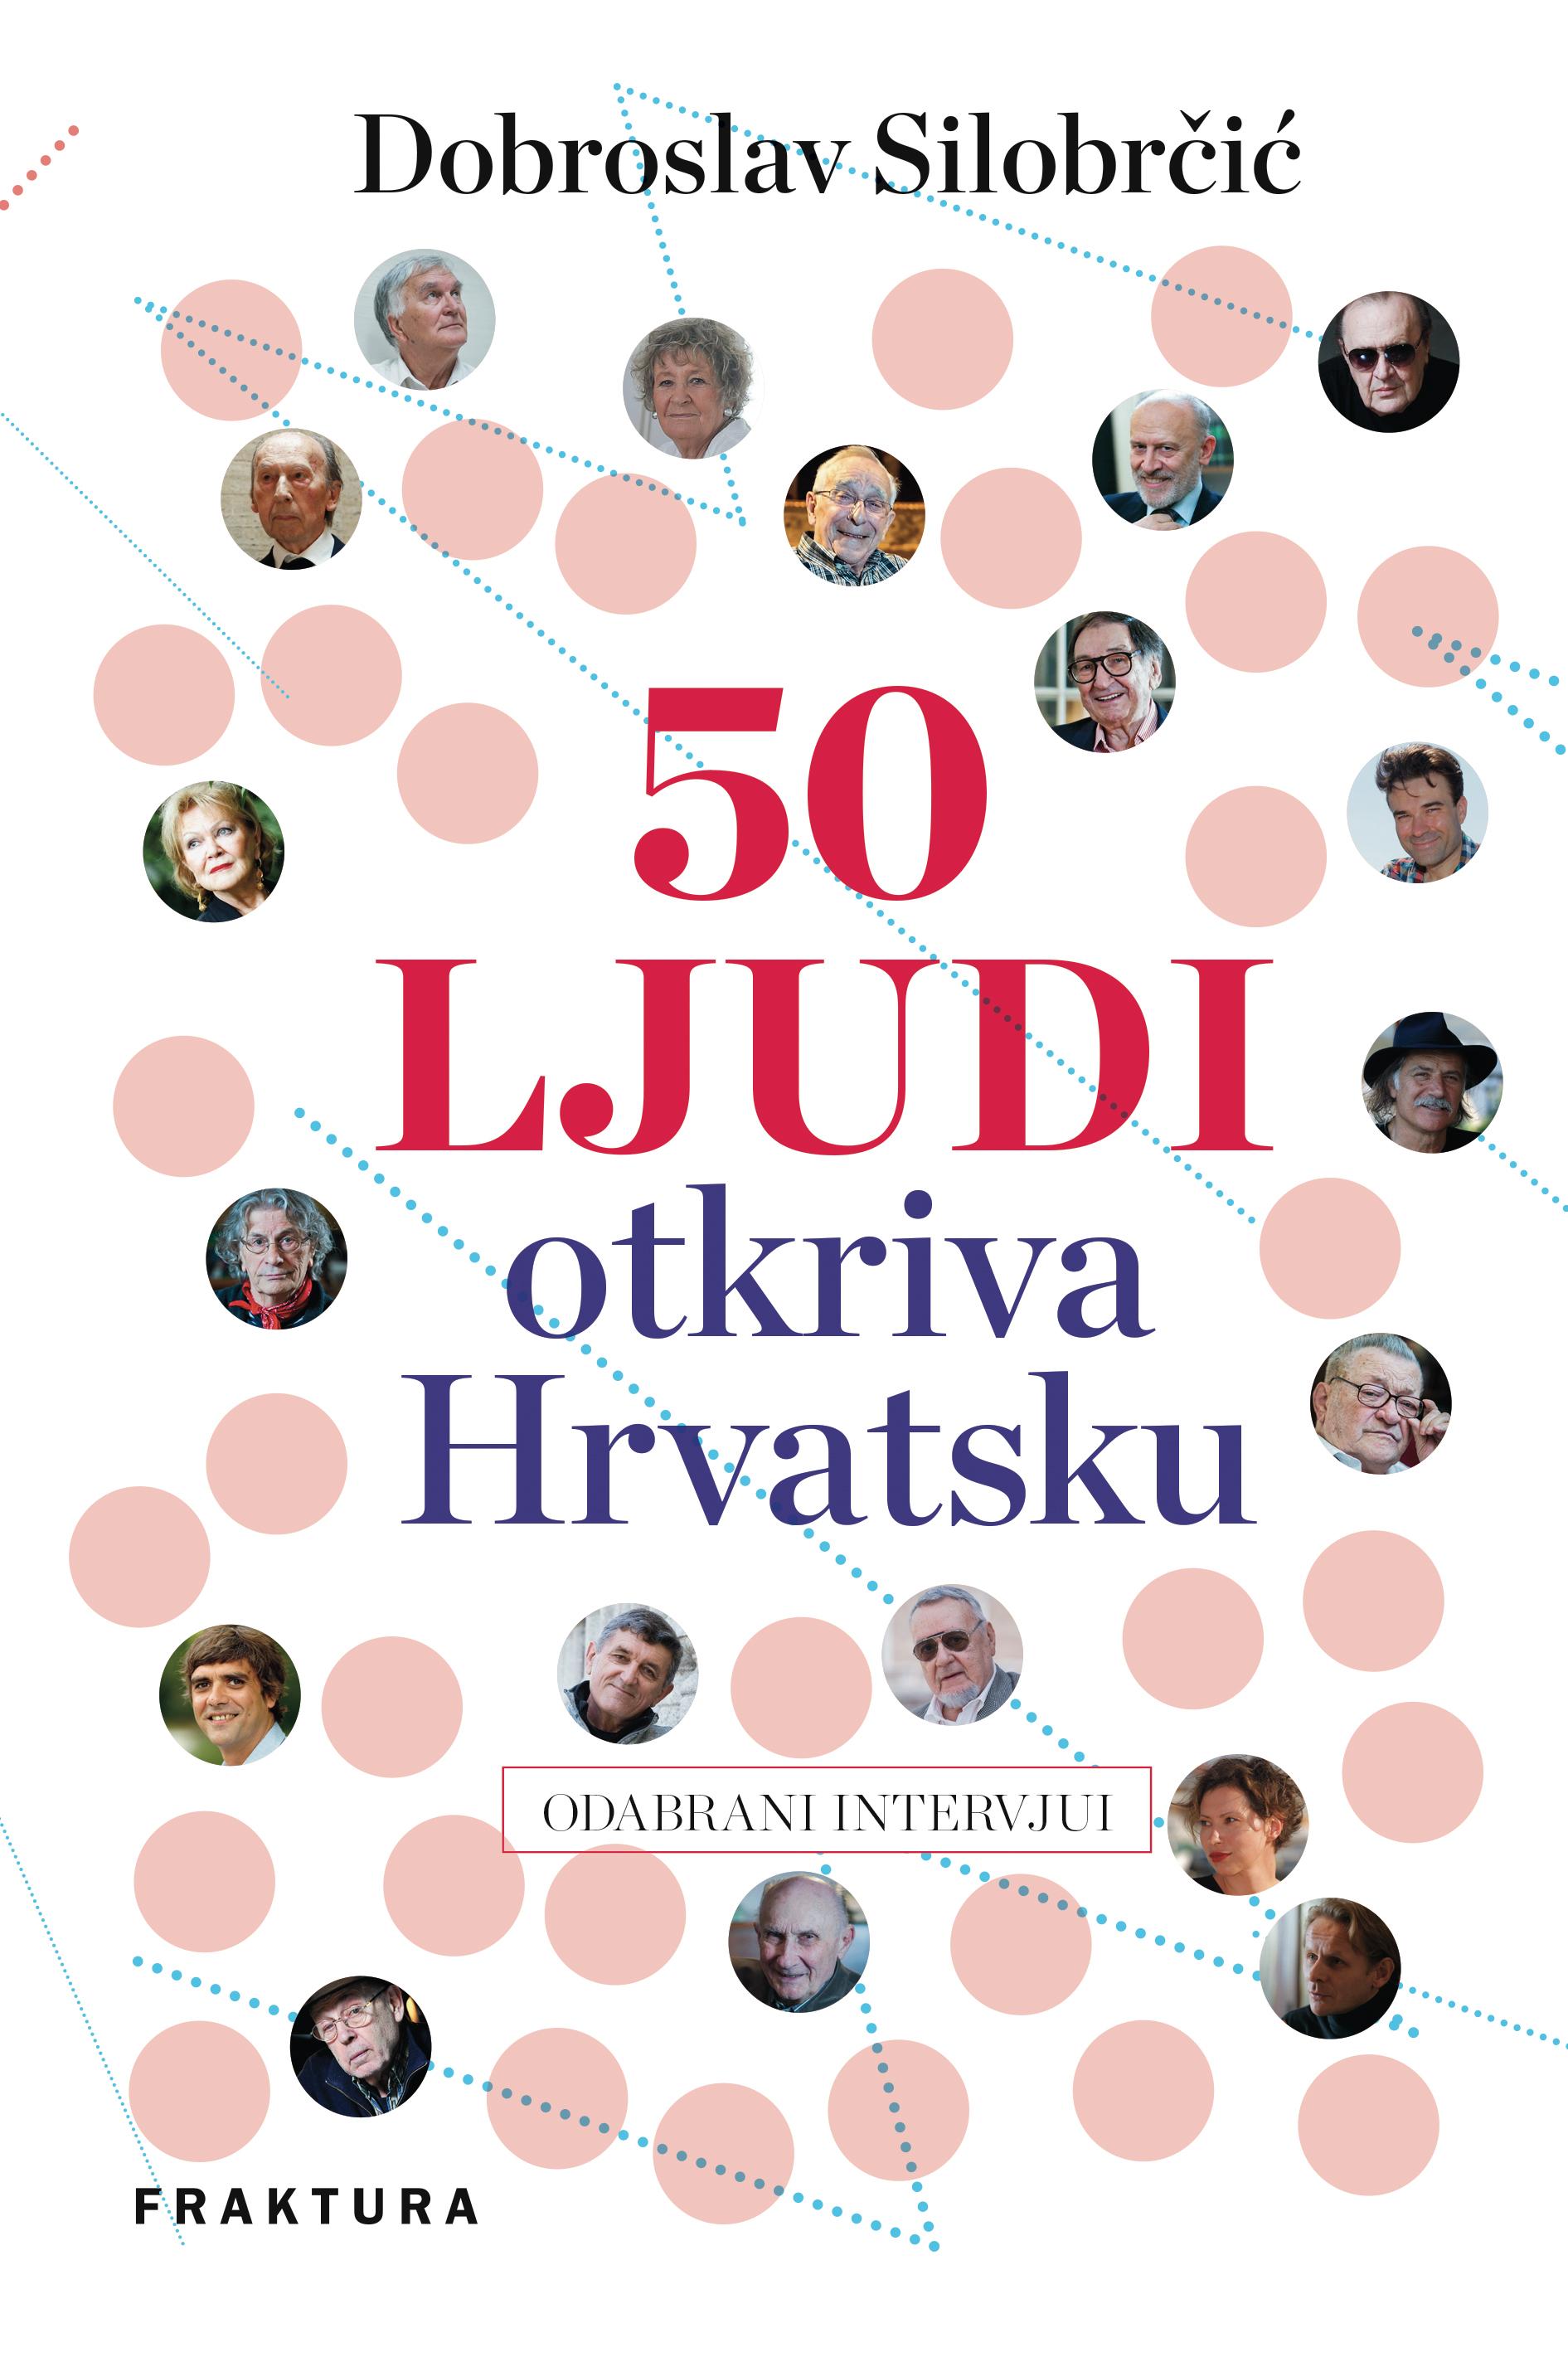 Predstavljanje knjige Dobroslava Silobrčića